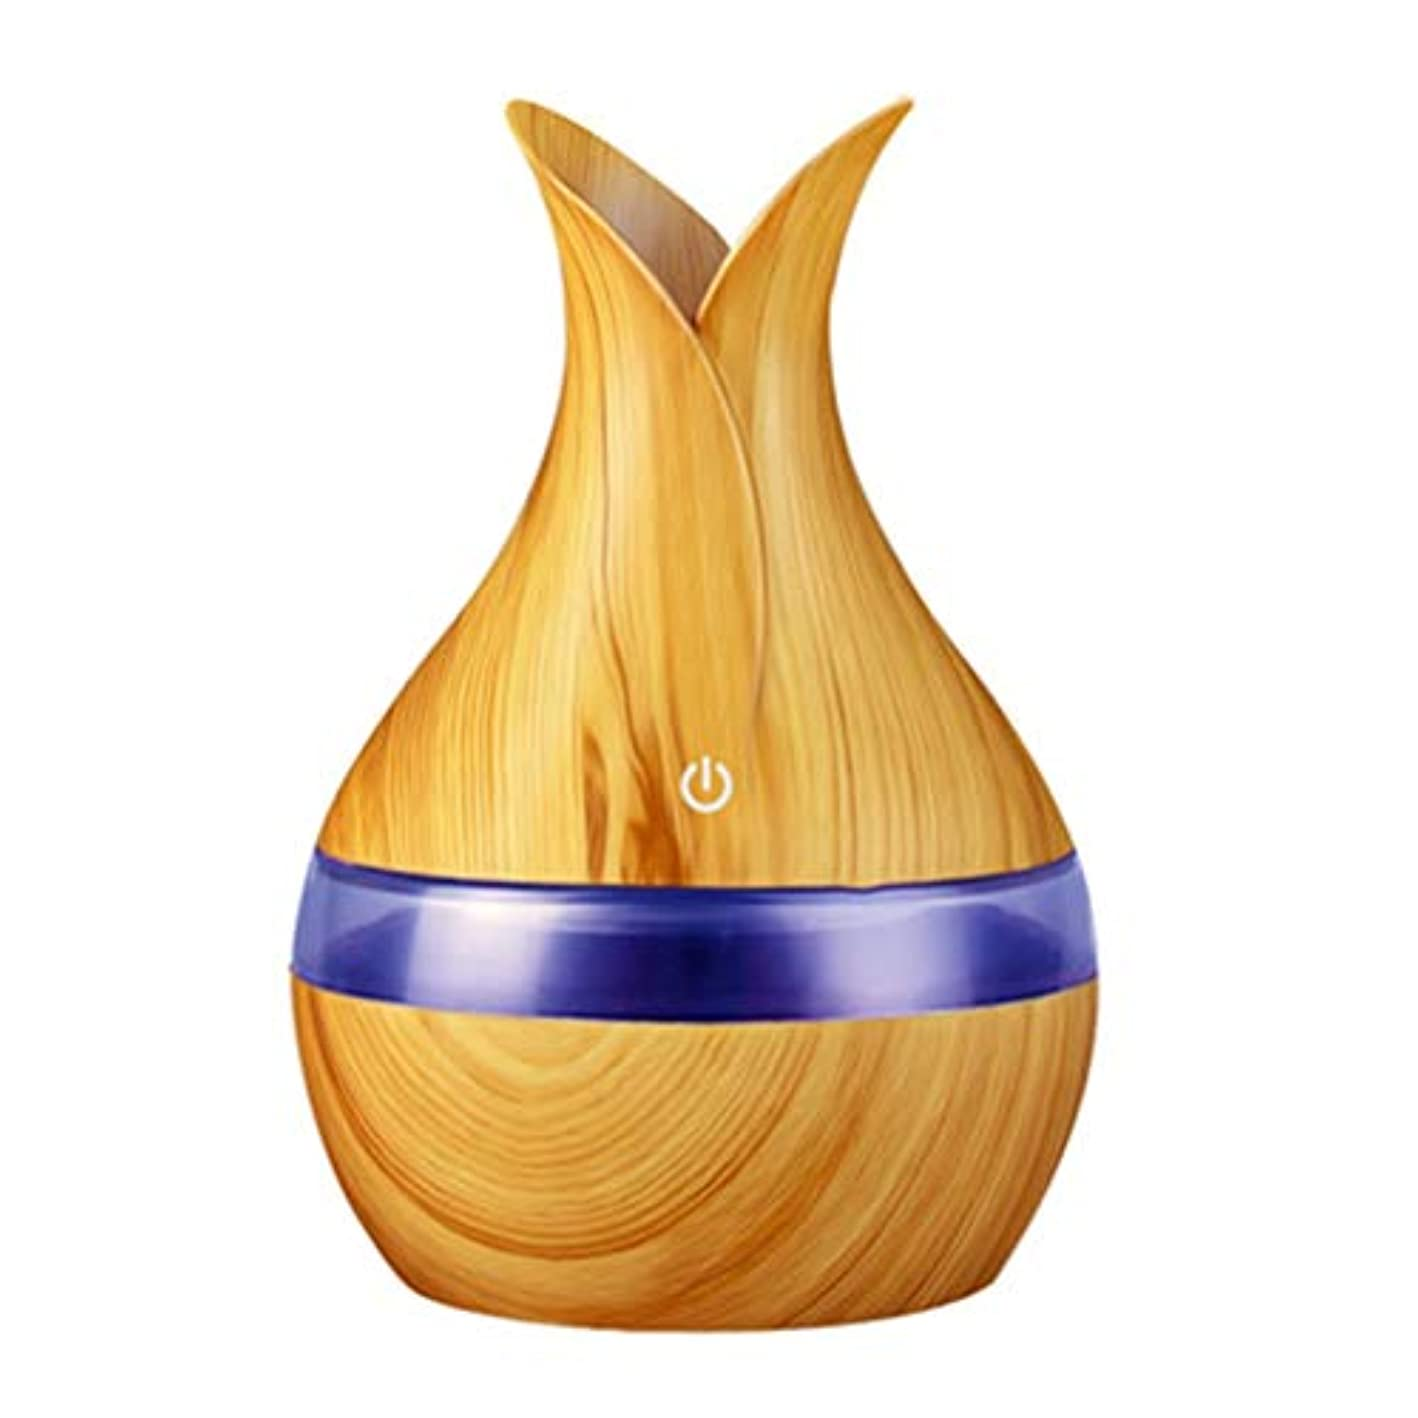 そのような食事生まれ300ミリリットル超音波クールミスト加湿器カラーLEDライト付き自宅、ヨガ、オフィス、スパ、寝室、ベビールームの拡散器 - 木目調子 (Color : Light wood grain, Size : 165mm*110mm)